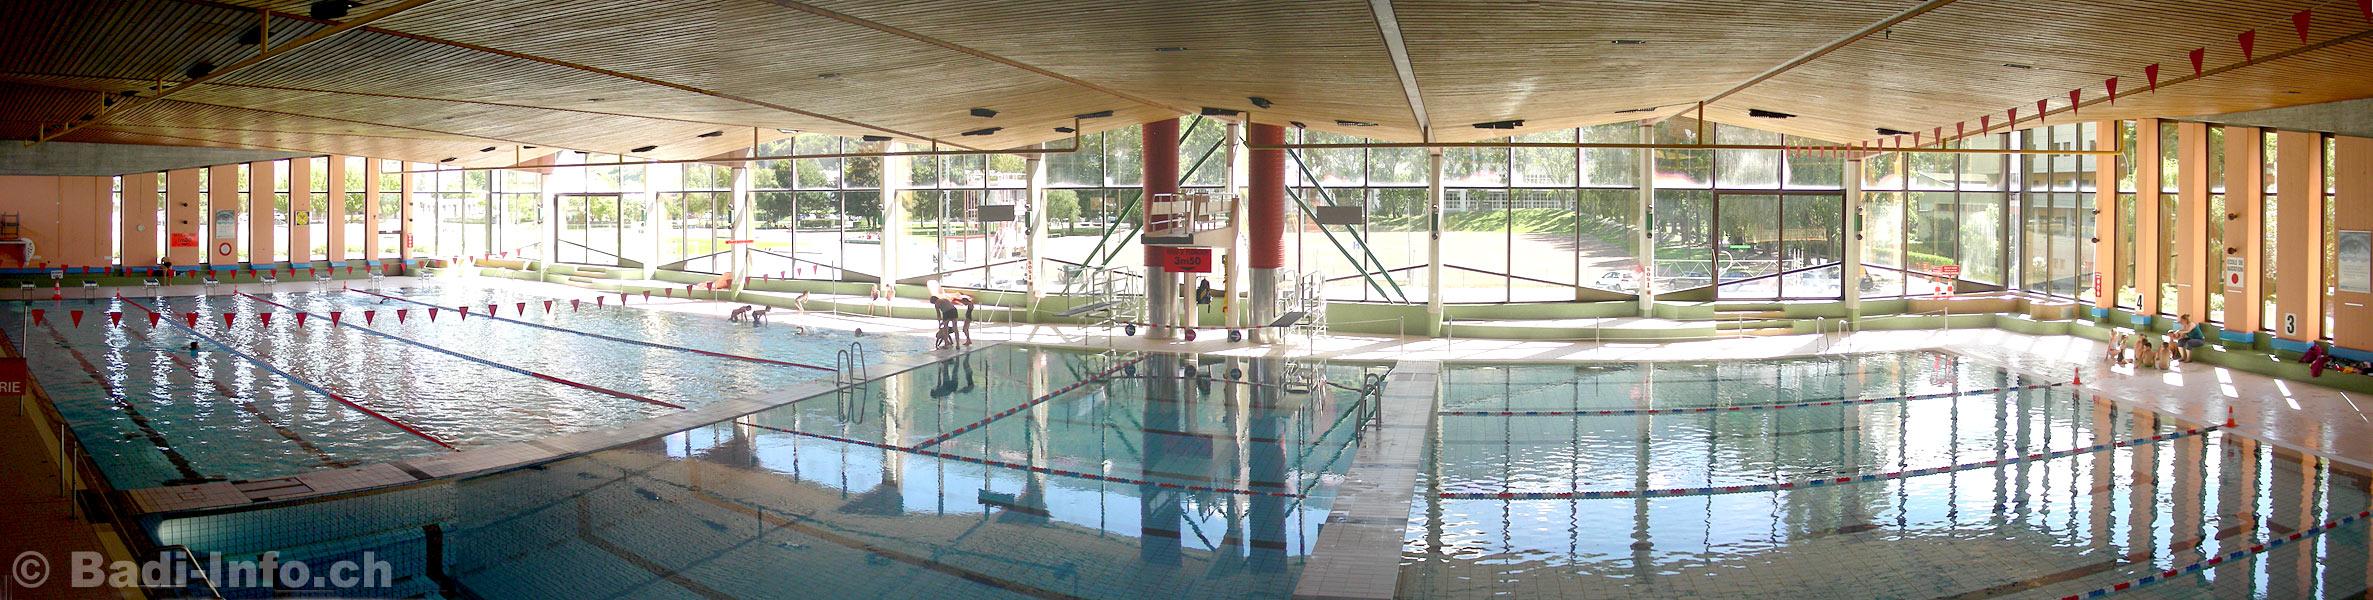 Cines for Club piscine joliette inc